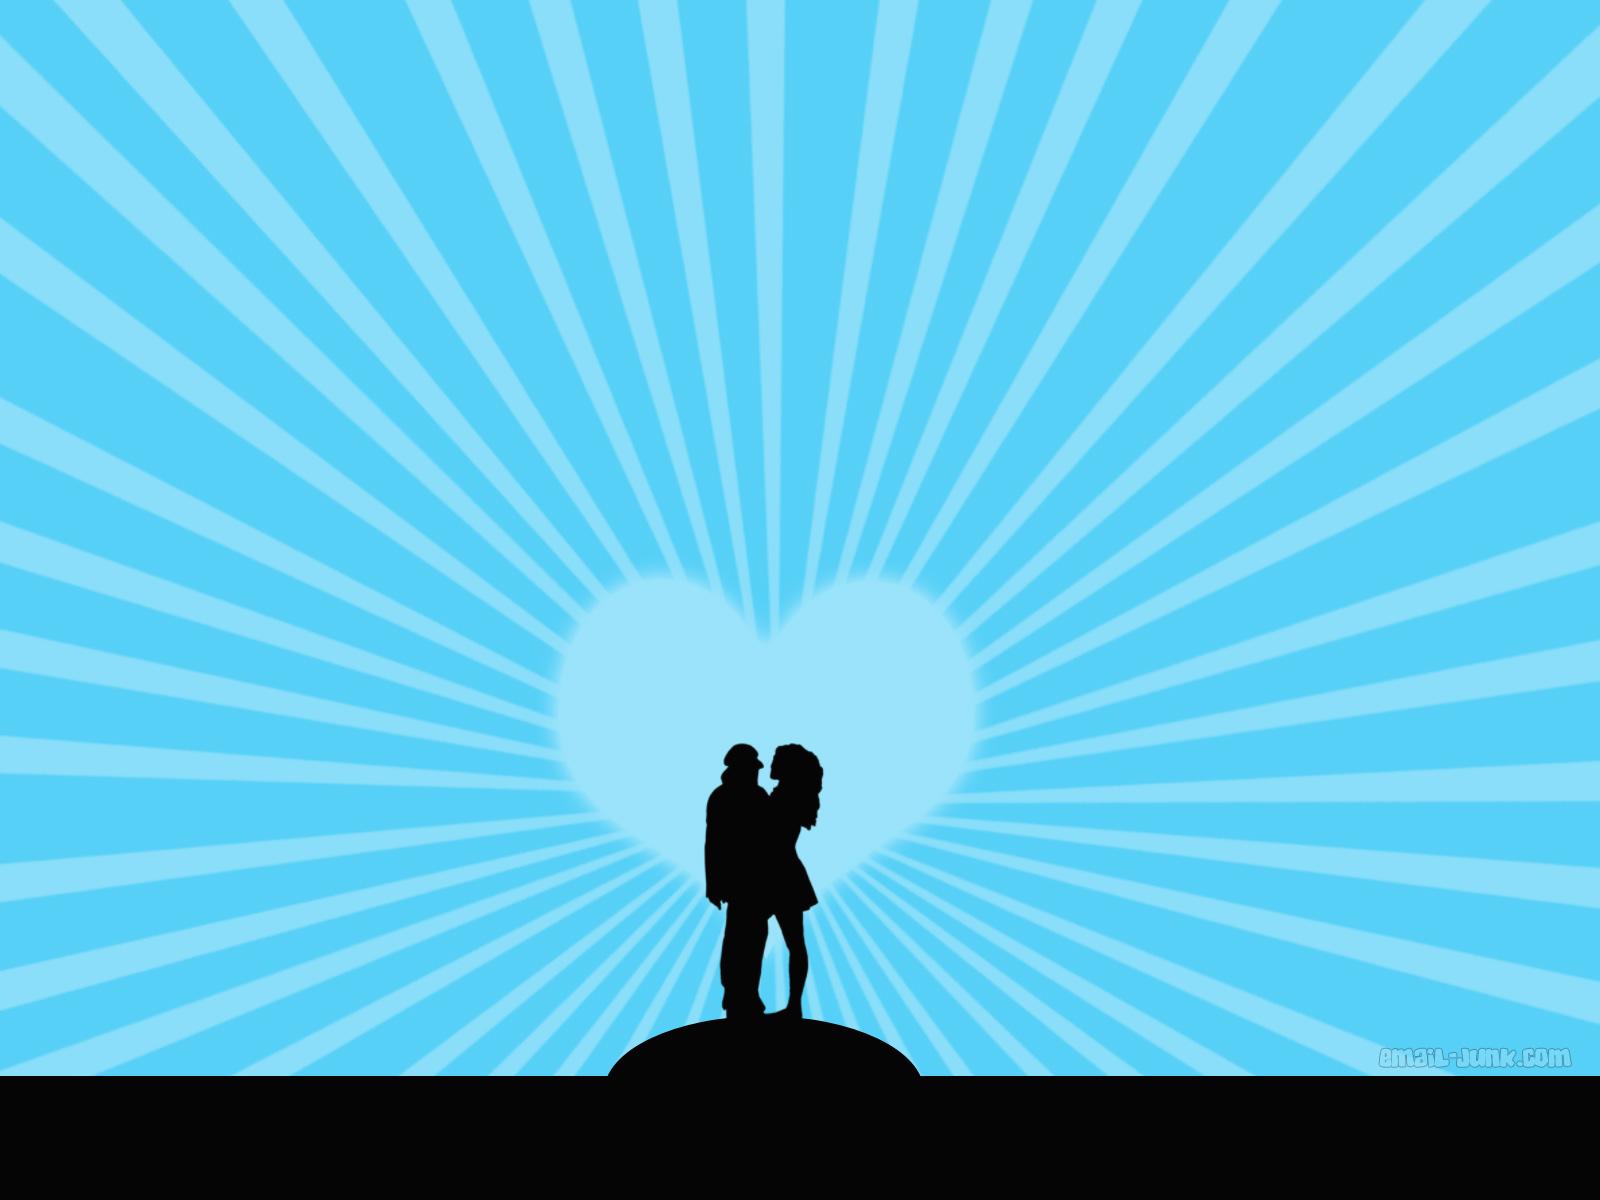 сердце, влюбленные, скачать фото, обои для рабочего стола